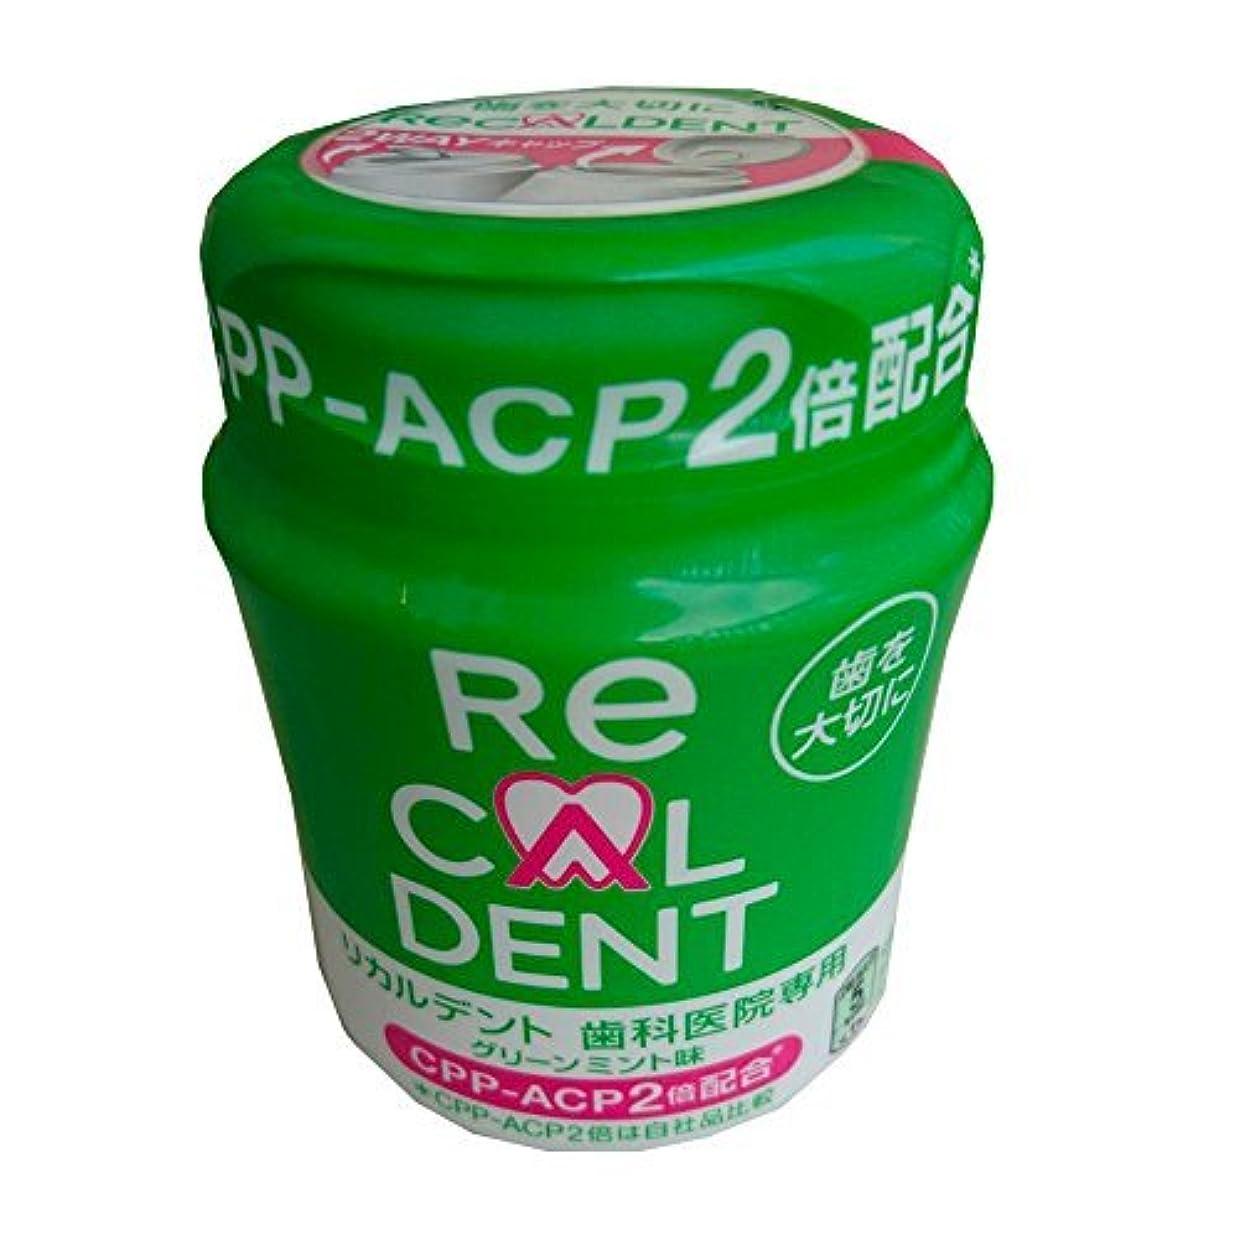 シャープ観光に行くあなたは歯科医院専用 リカルデントガム グリーンミント味 140gボトル 1個